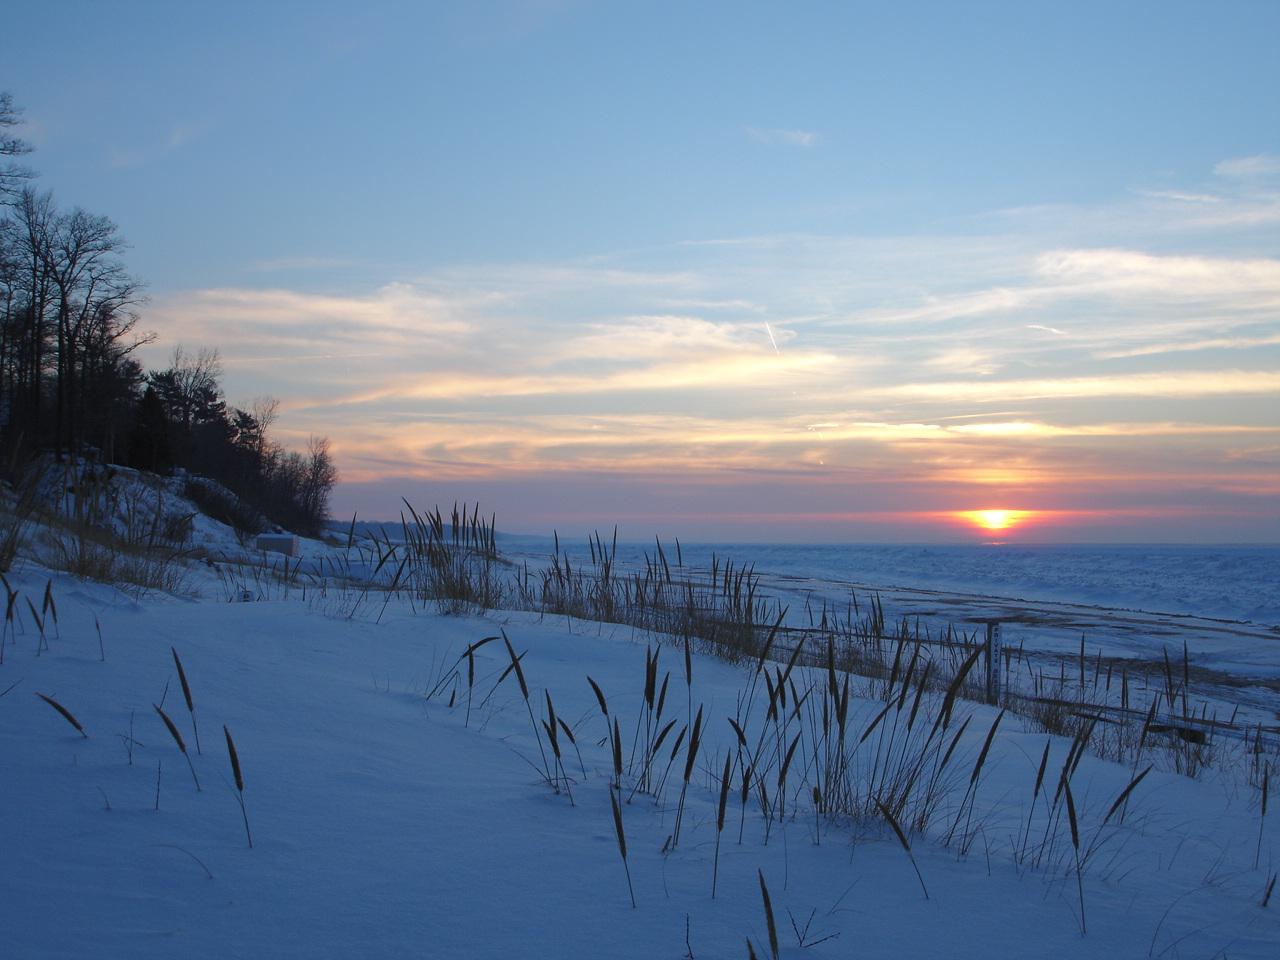 Winter Sunset Lakeside, MI